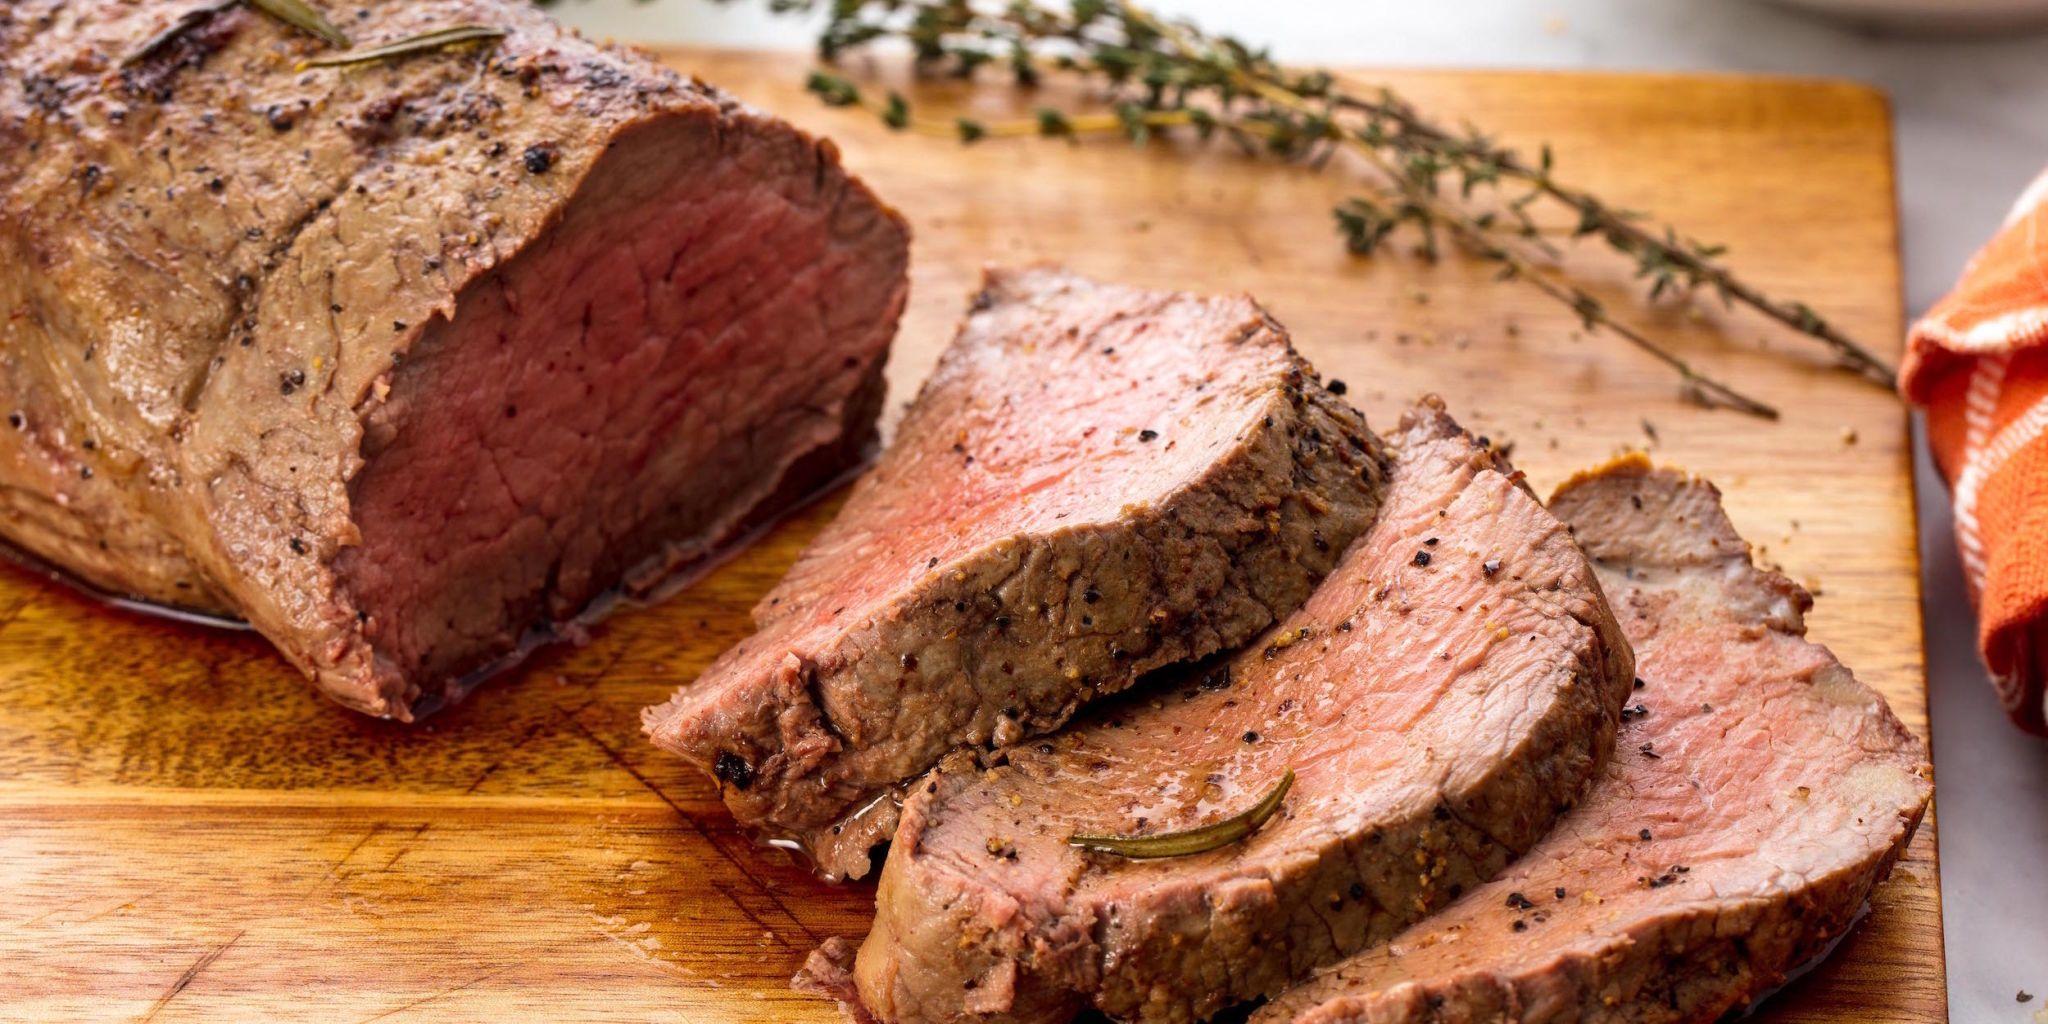 Best Beef Tenderloin Recipe How To Cook A Beef